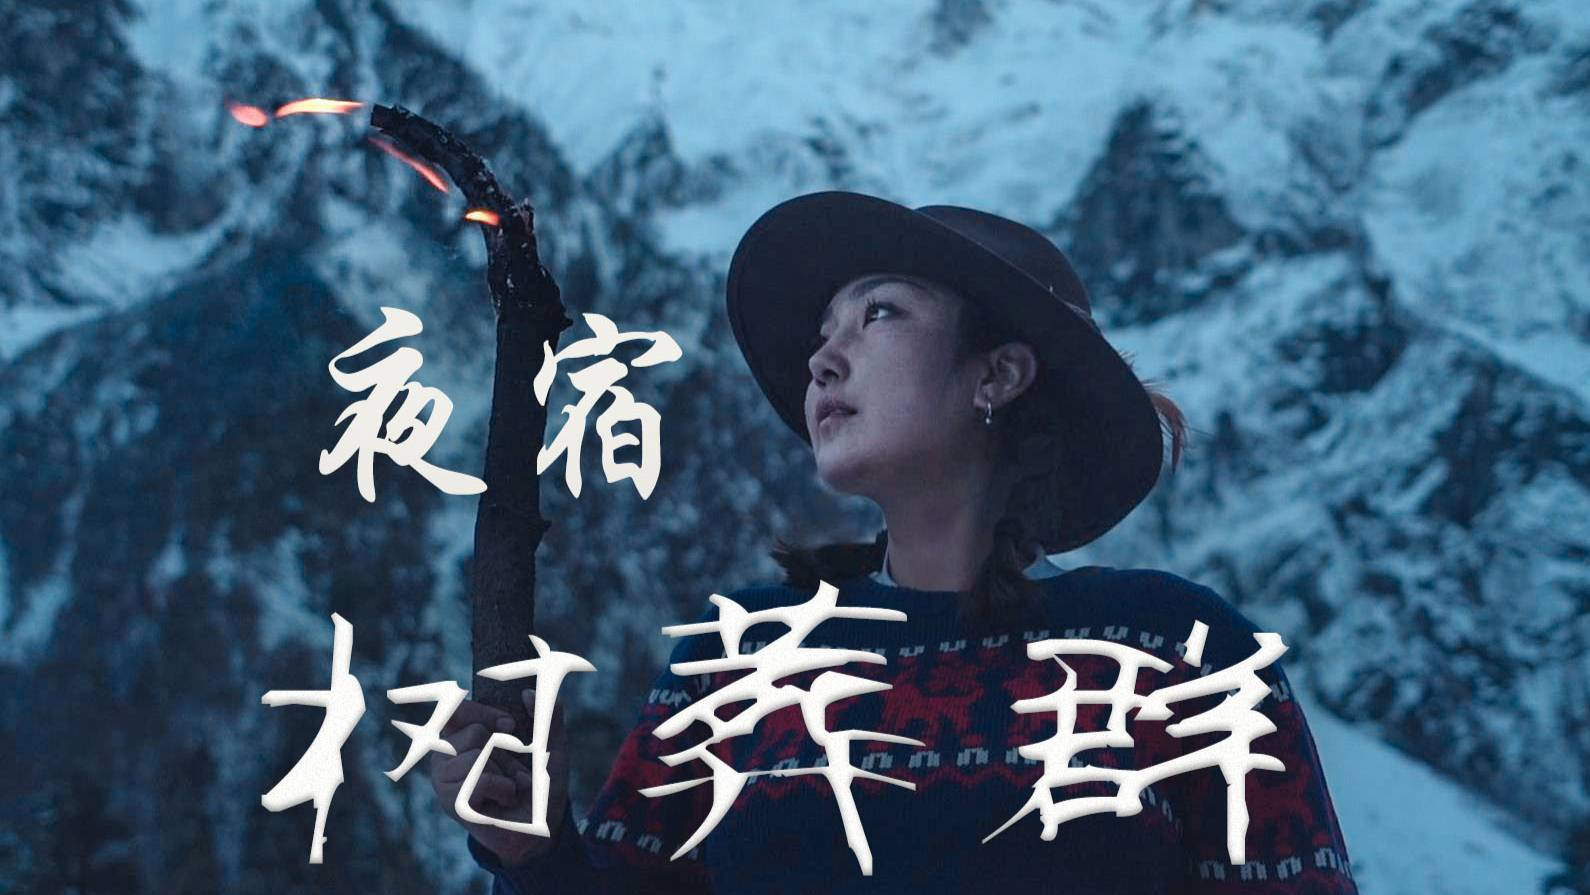 【A站首发】探寻高原秘境 | 夜宿西藏最大树葬群是什么感受